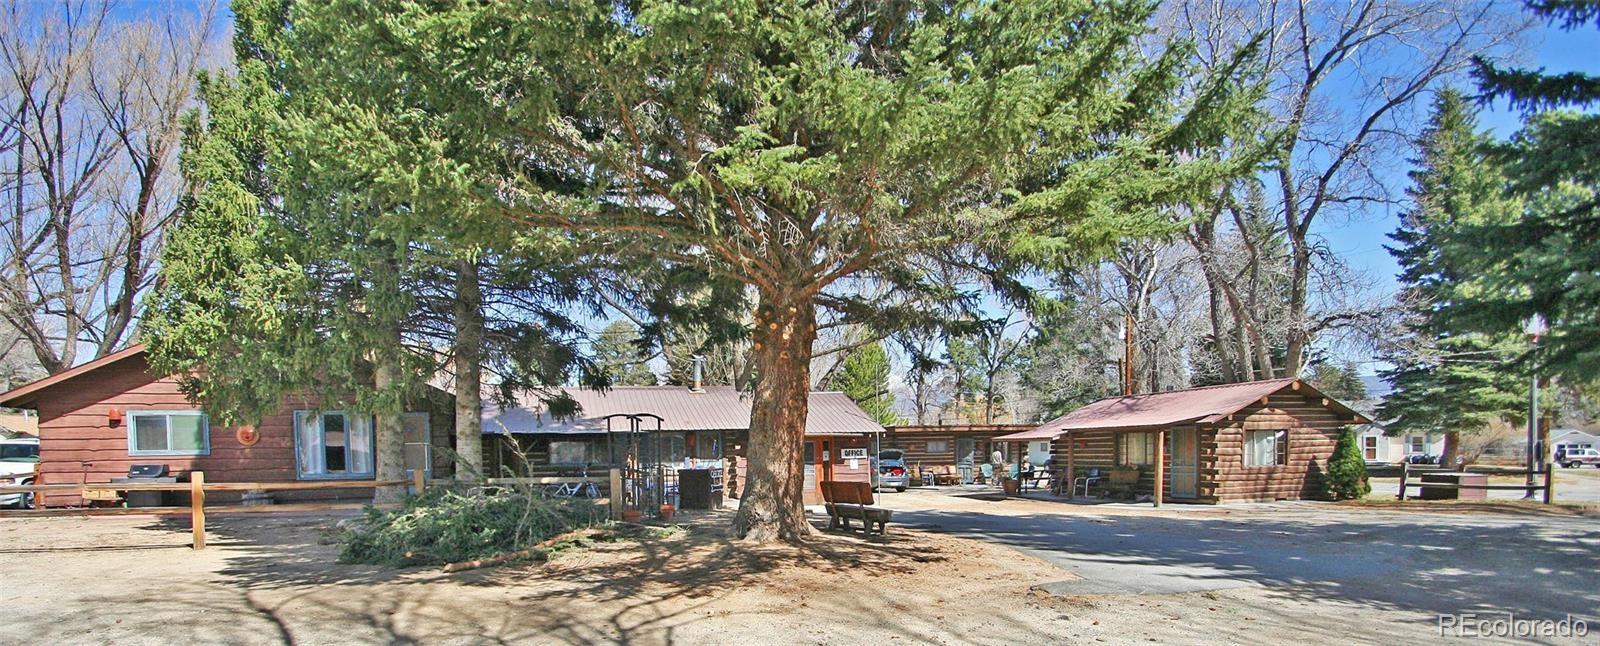 MLS# 3448123 - 3 - 1004 W Main Street, Buena Vista, CO 81211